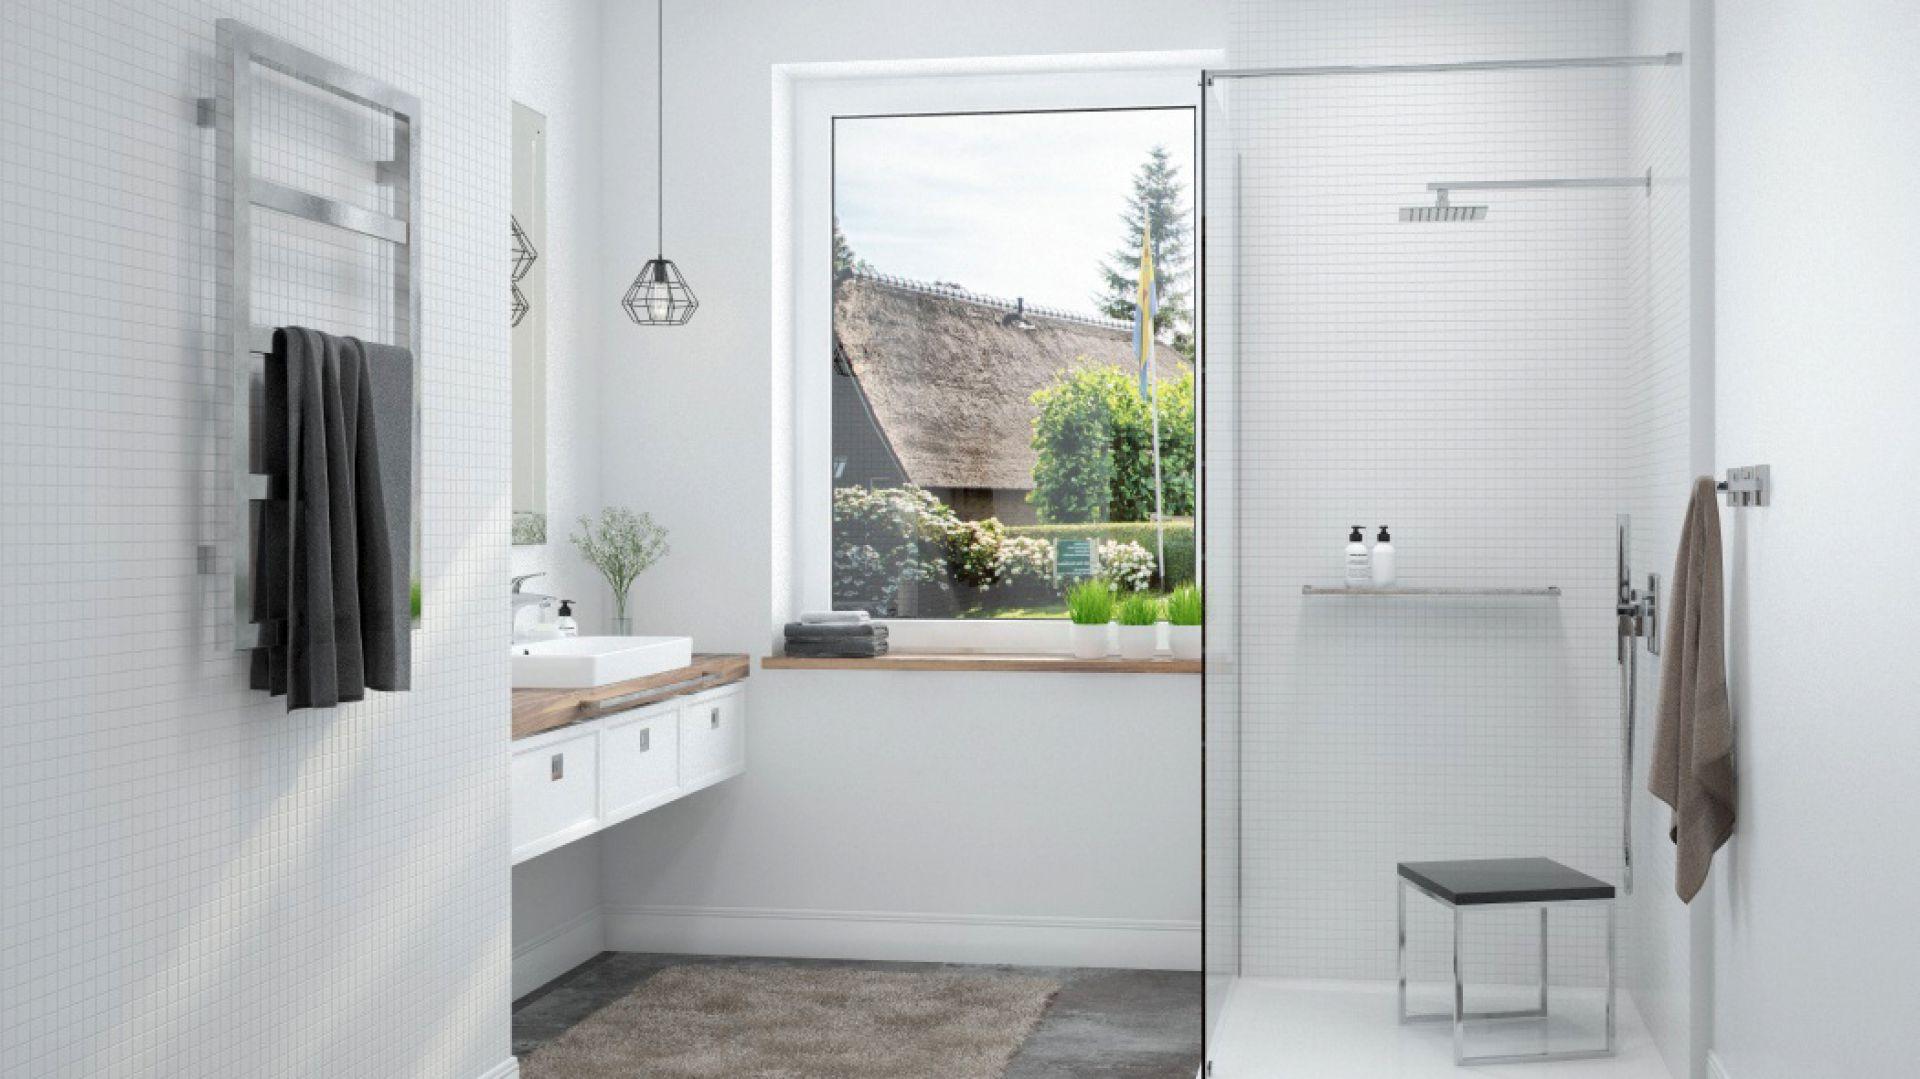 łazienka Dla Seniora Wygodna Bezpieczna I Nowoczesna